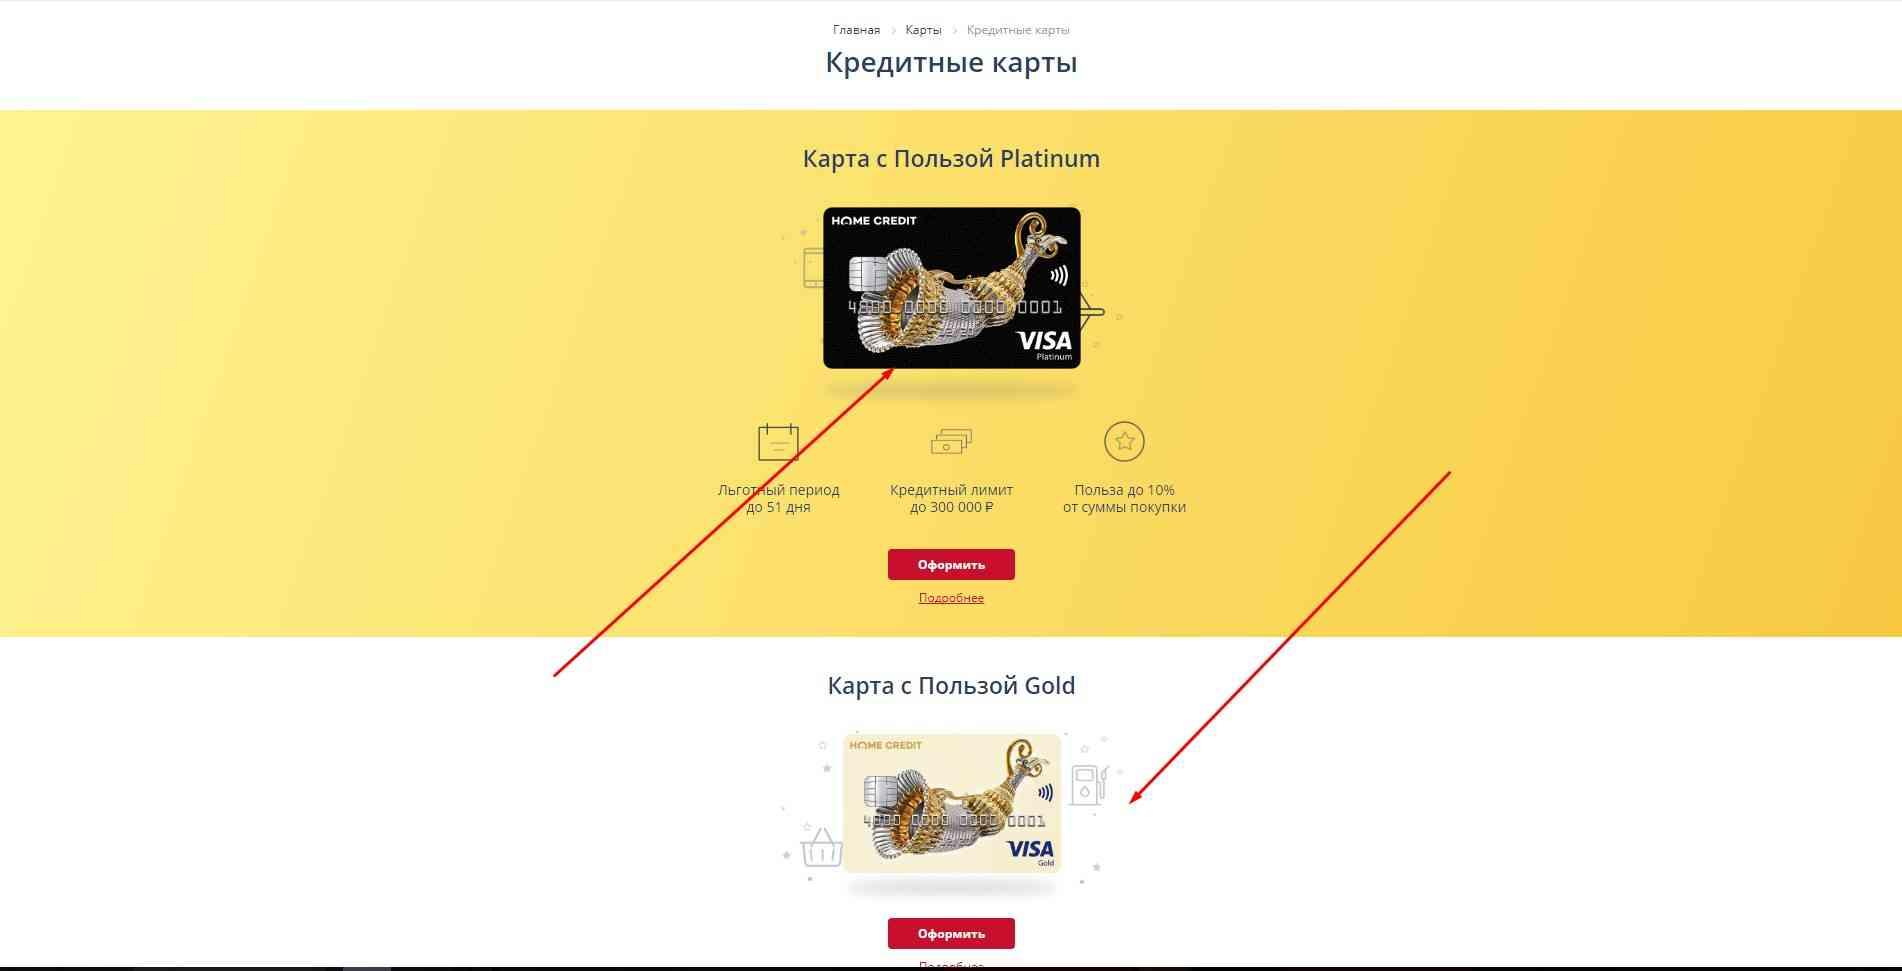 хоум кредит кредитные карты оформить онлайн получить кредитную карту в альфа банке пенсионеру